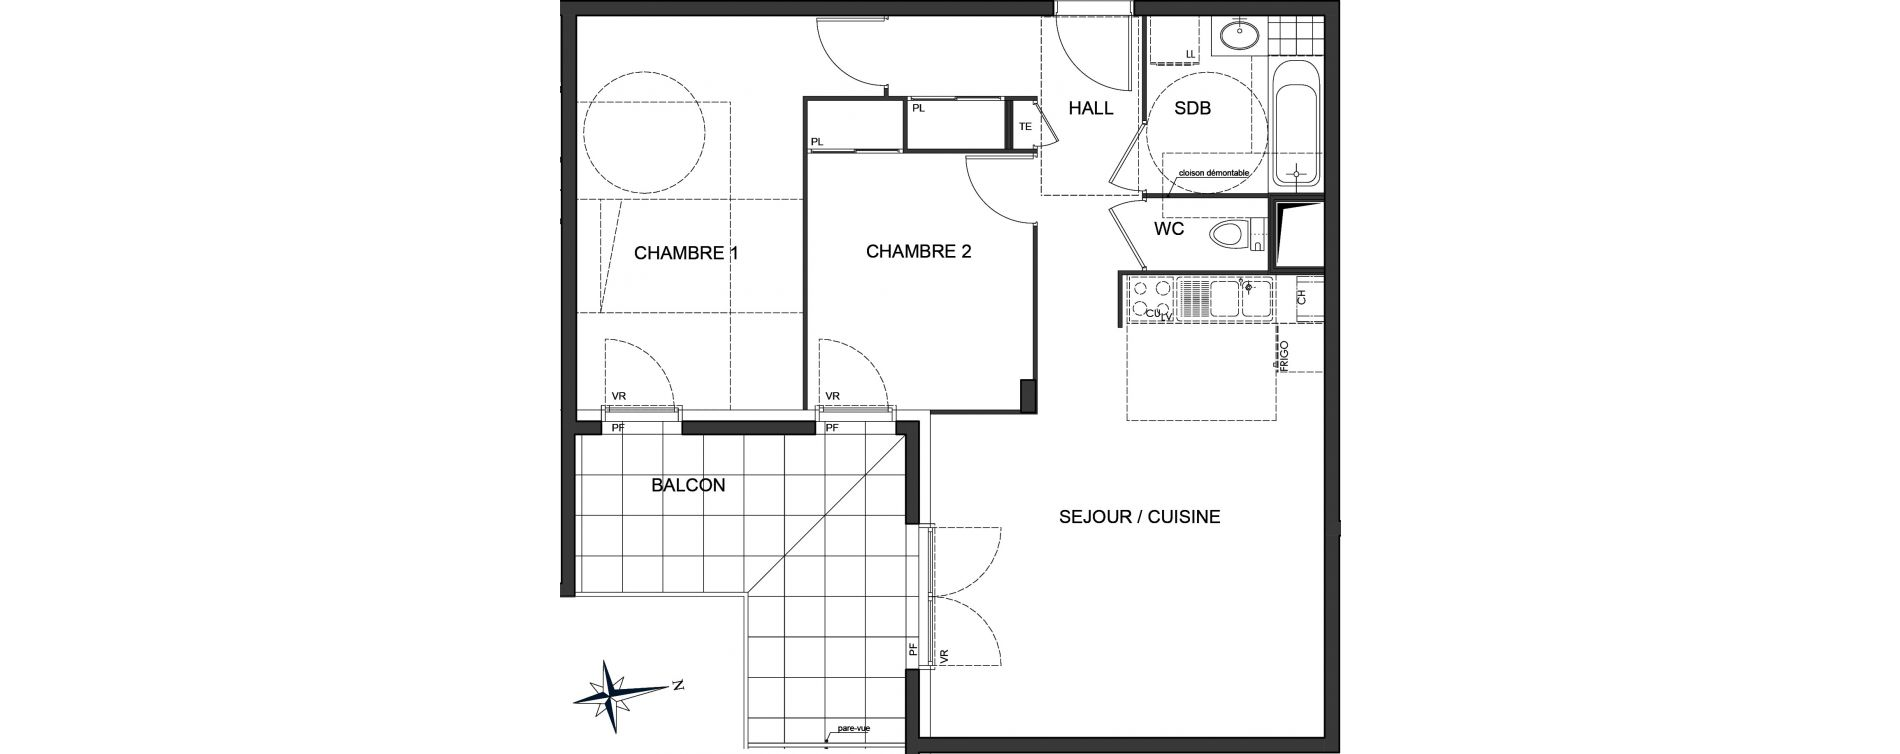 Appartement T3 de 62,57 m2 à Vaulx-En-Velin Centre